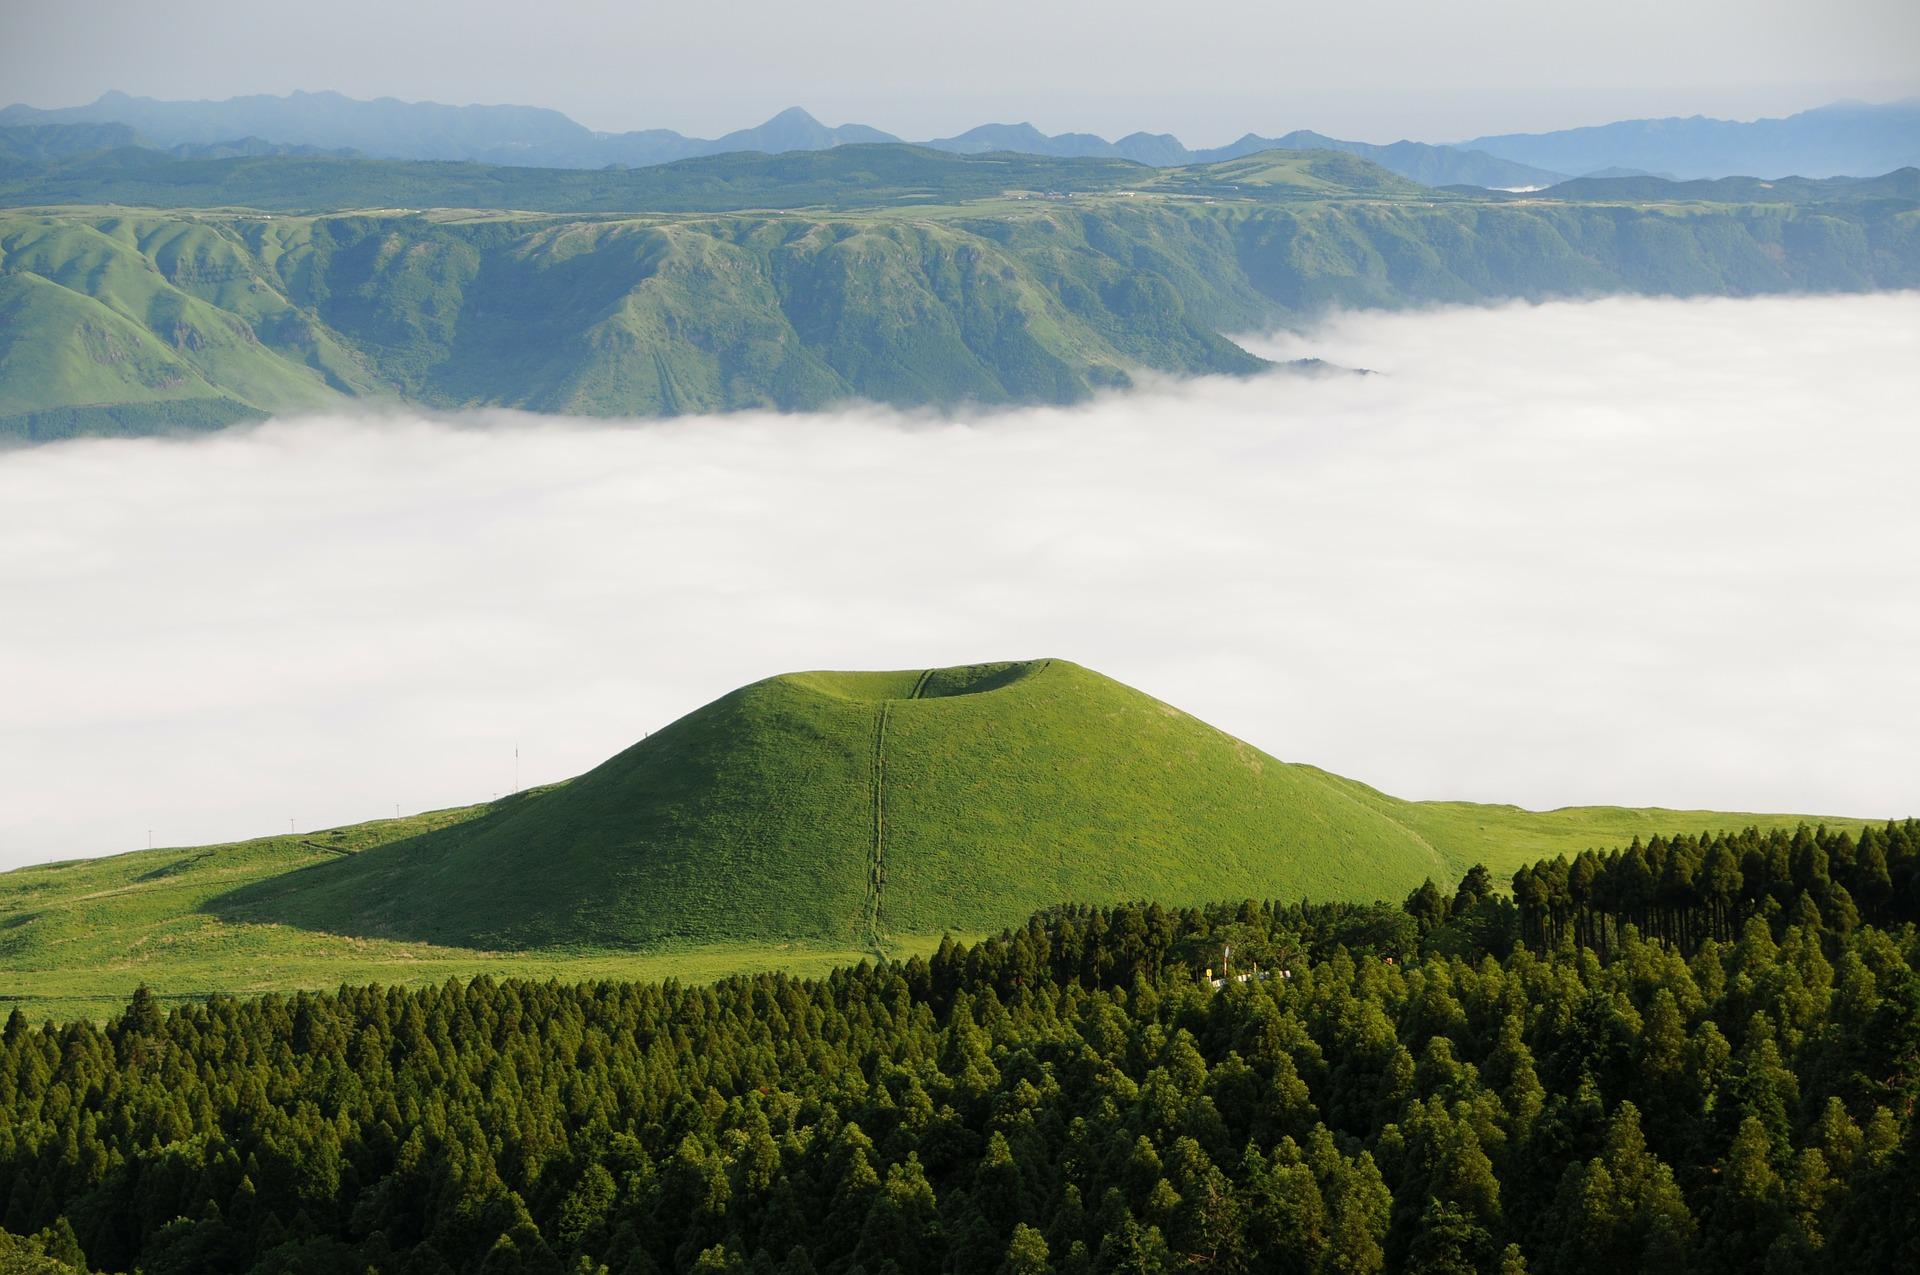 Асо komezuka, облака, горы, Море, Япония - Обои HD - Профессор falken.com